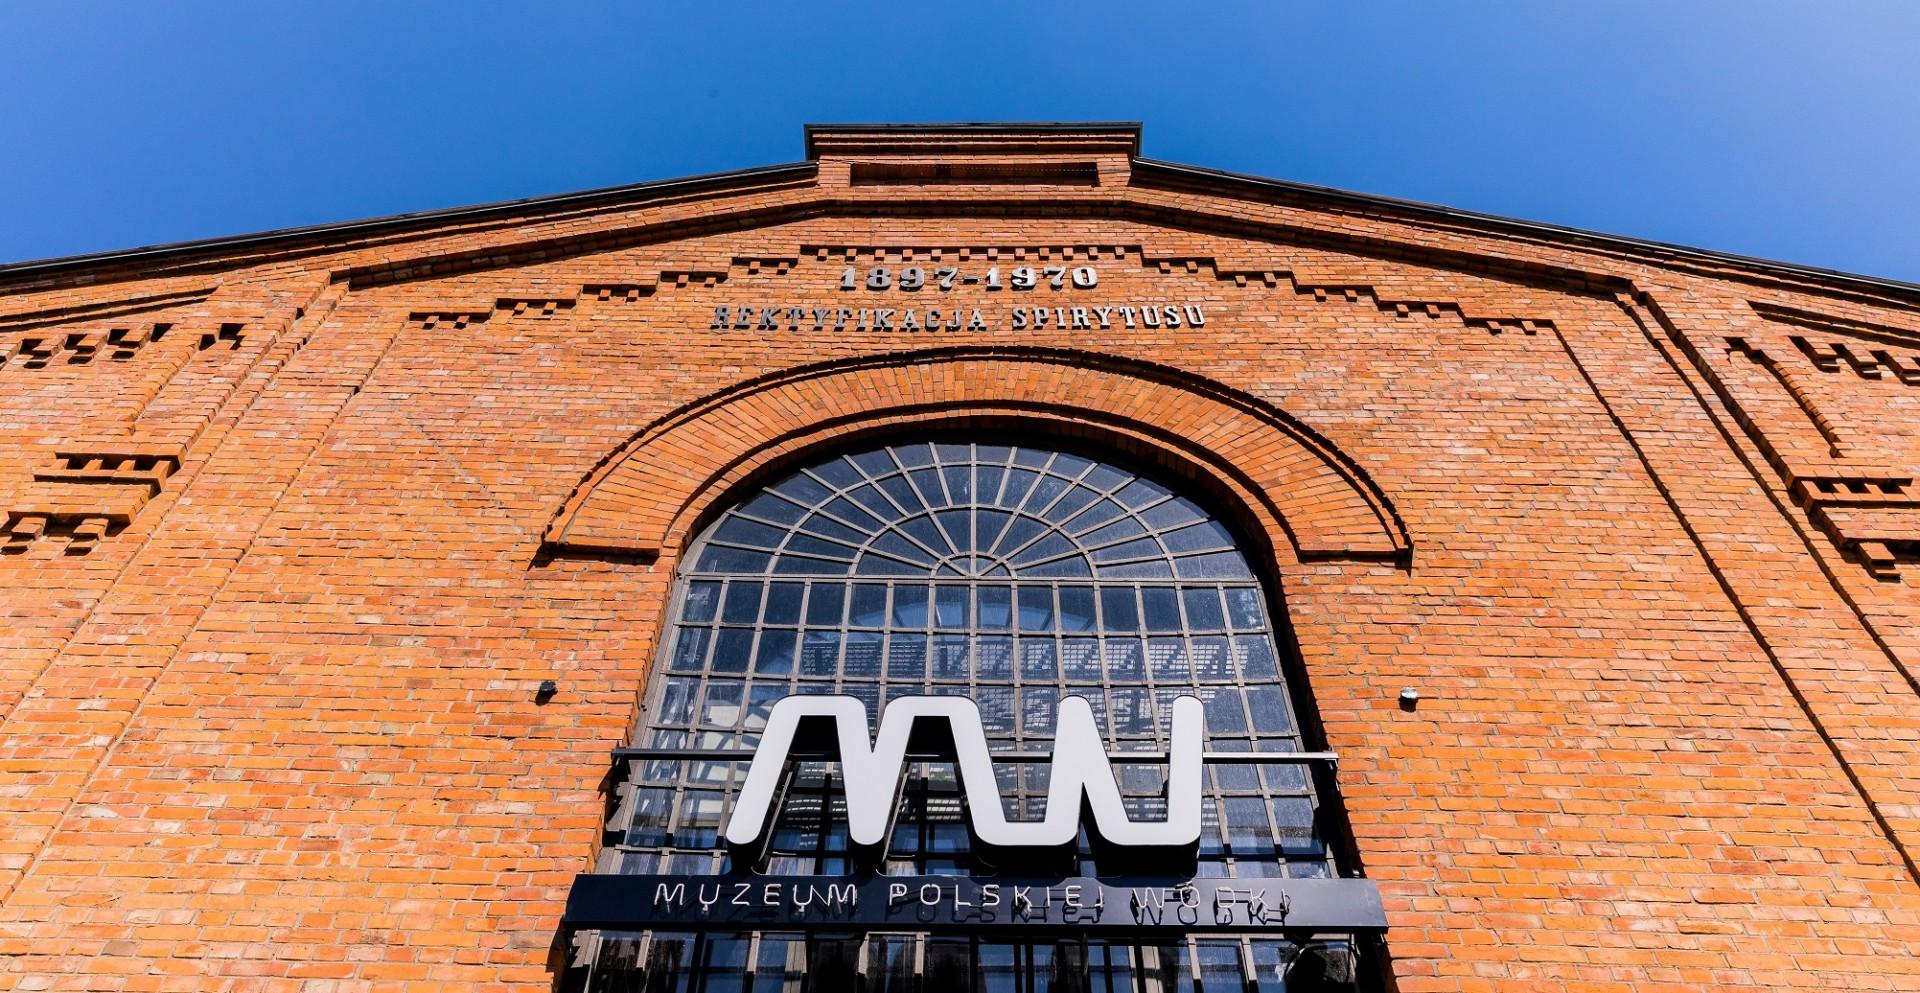 В Варшаве появился музей польской водки В Варшаве появился музей польской водки Muzeum Polskiej W dki budynek 1 1 large